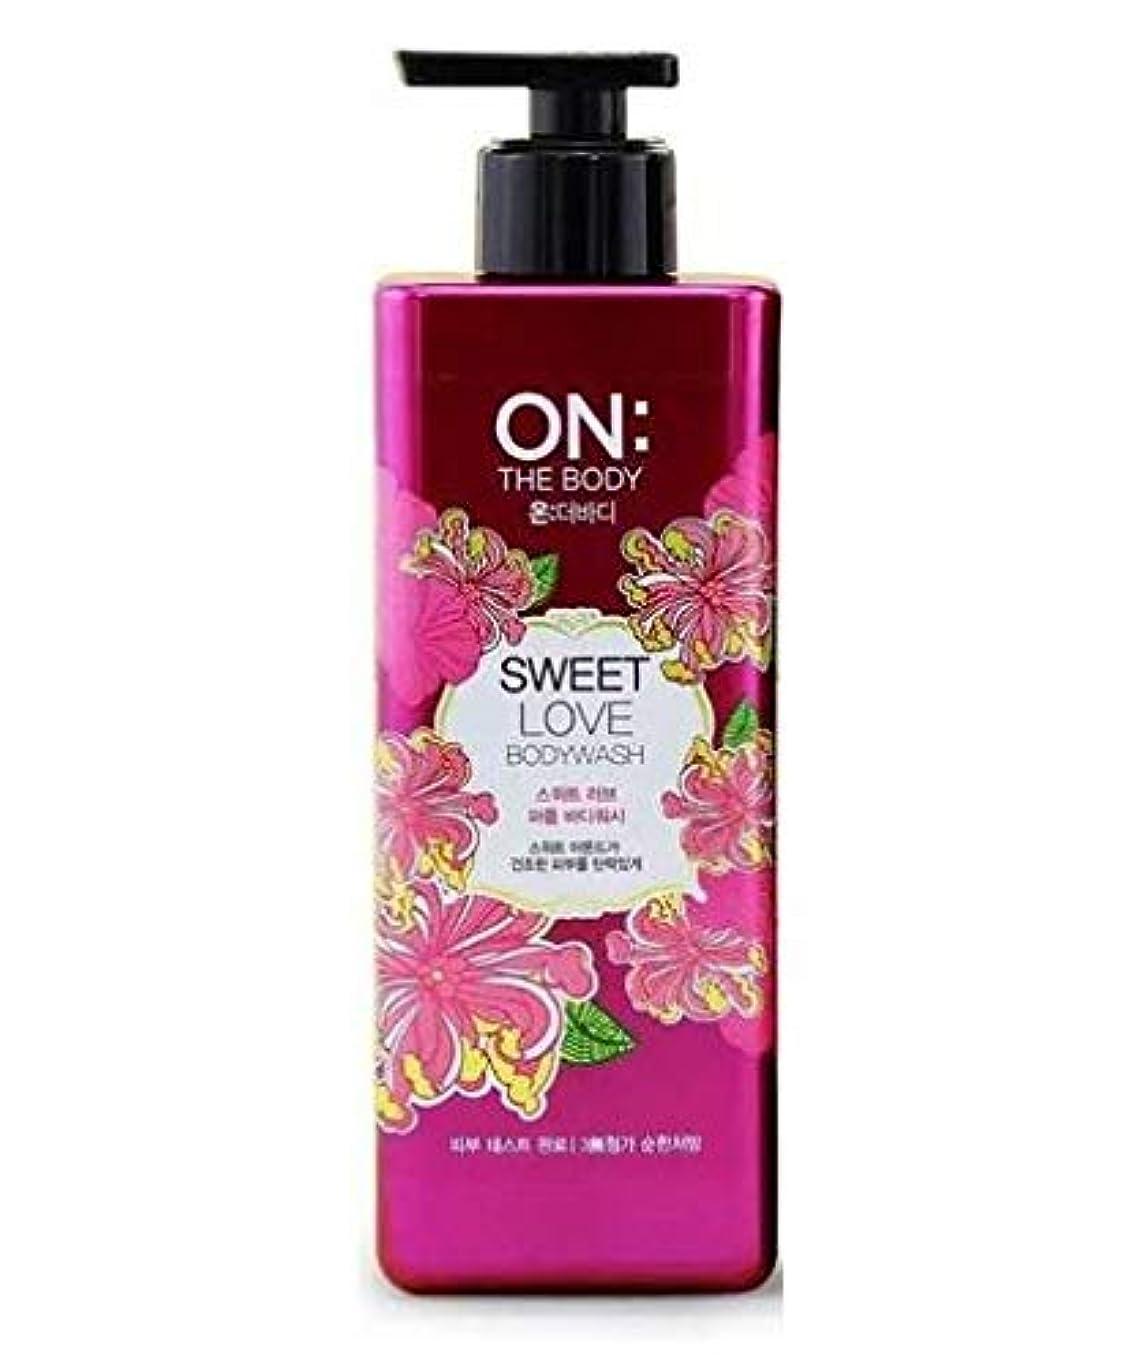 検証リス雰囲気ON THE BODY Sweet Love Body Wash 500g/17.6oz